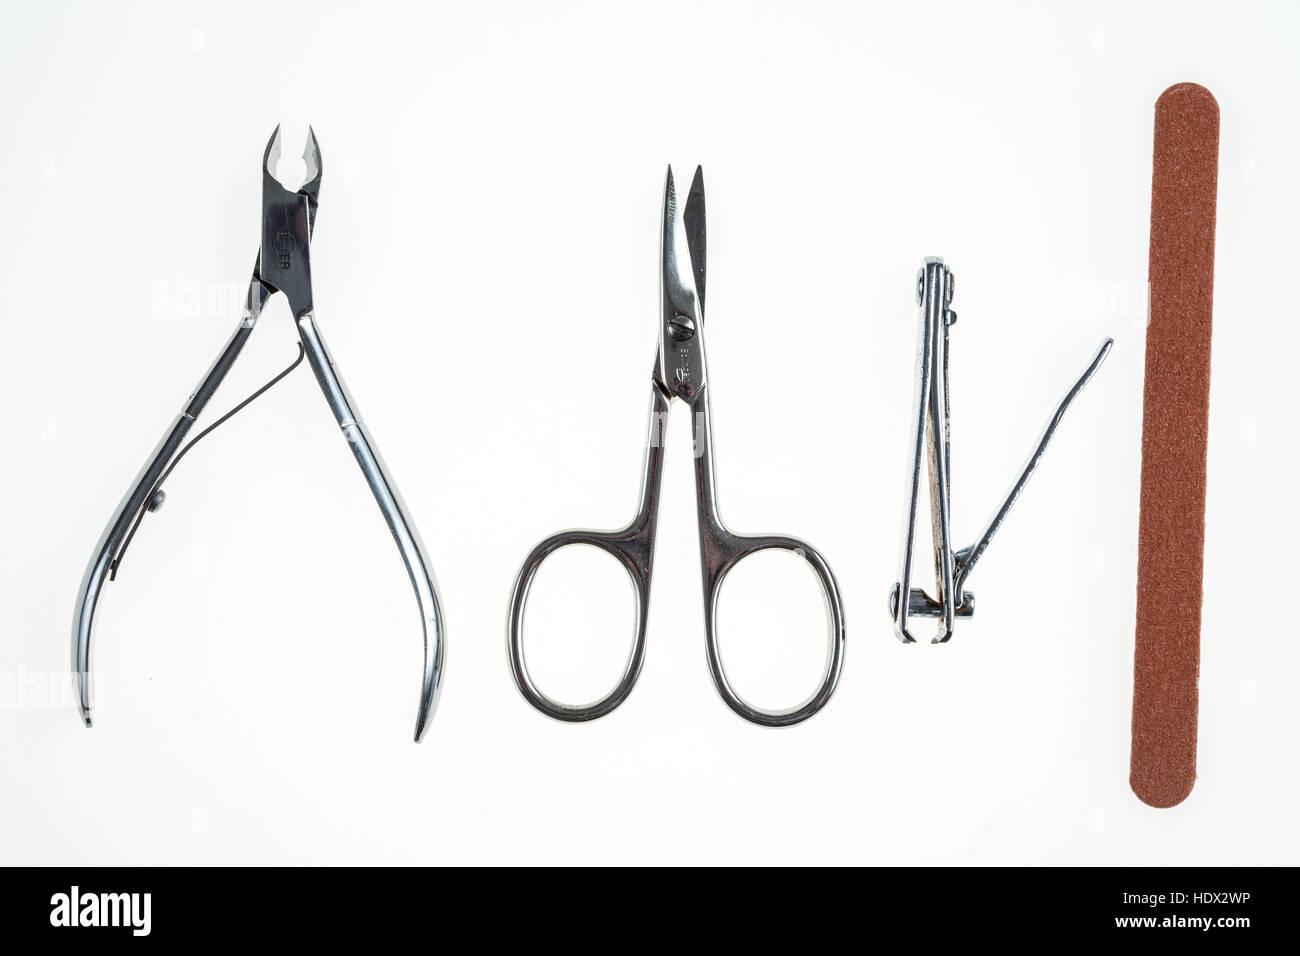 Nail care tools, nail clippers, nail scissors, nail nippers, nail files, - Stock Image